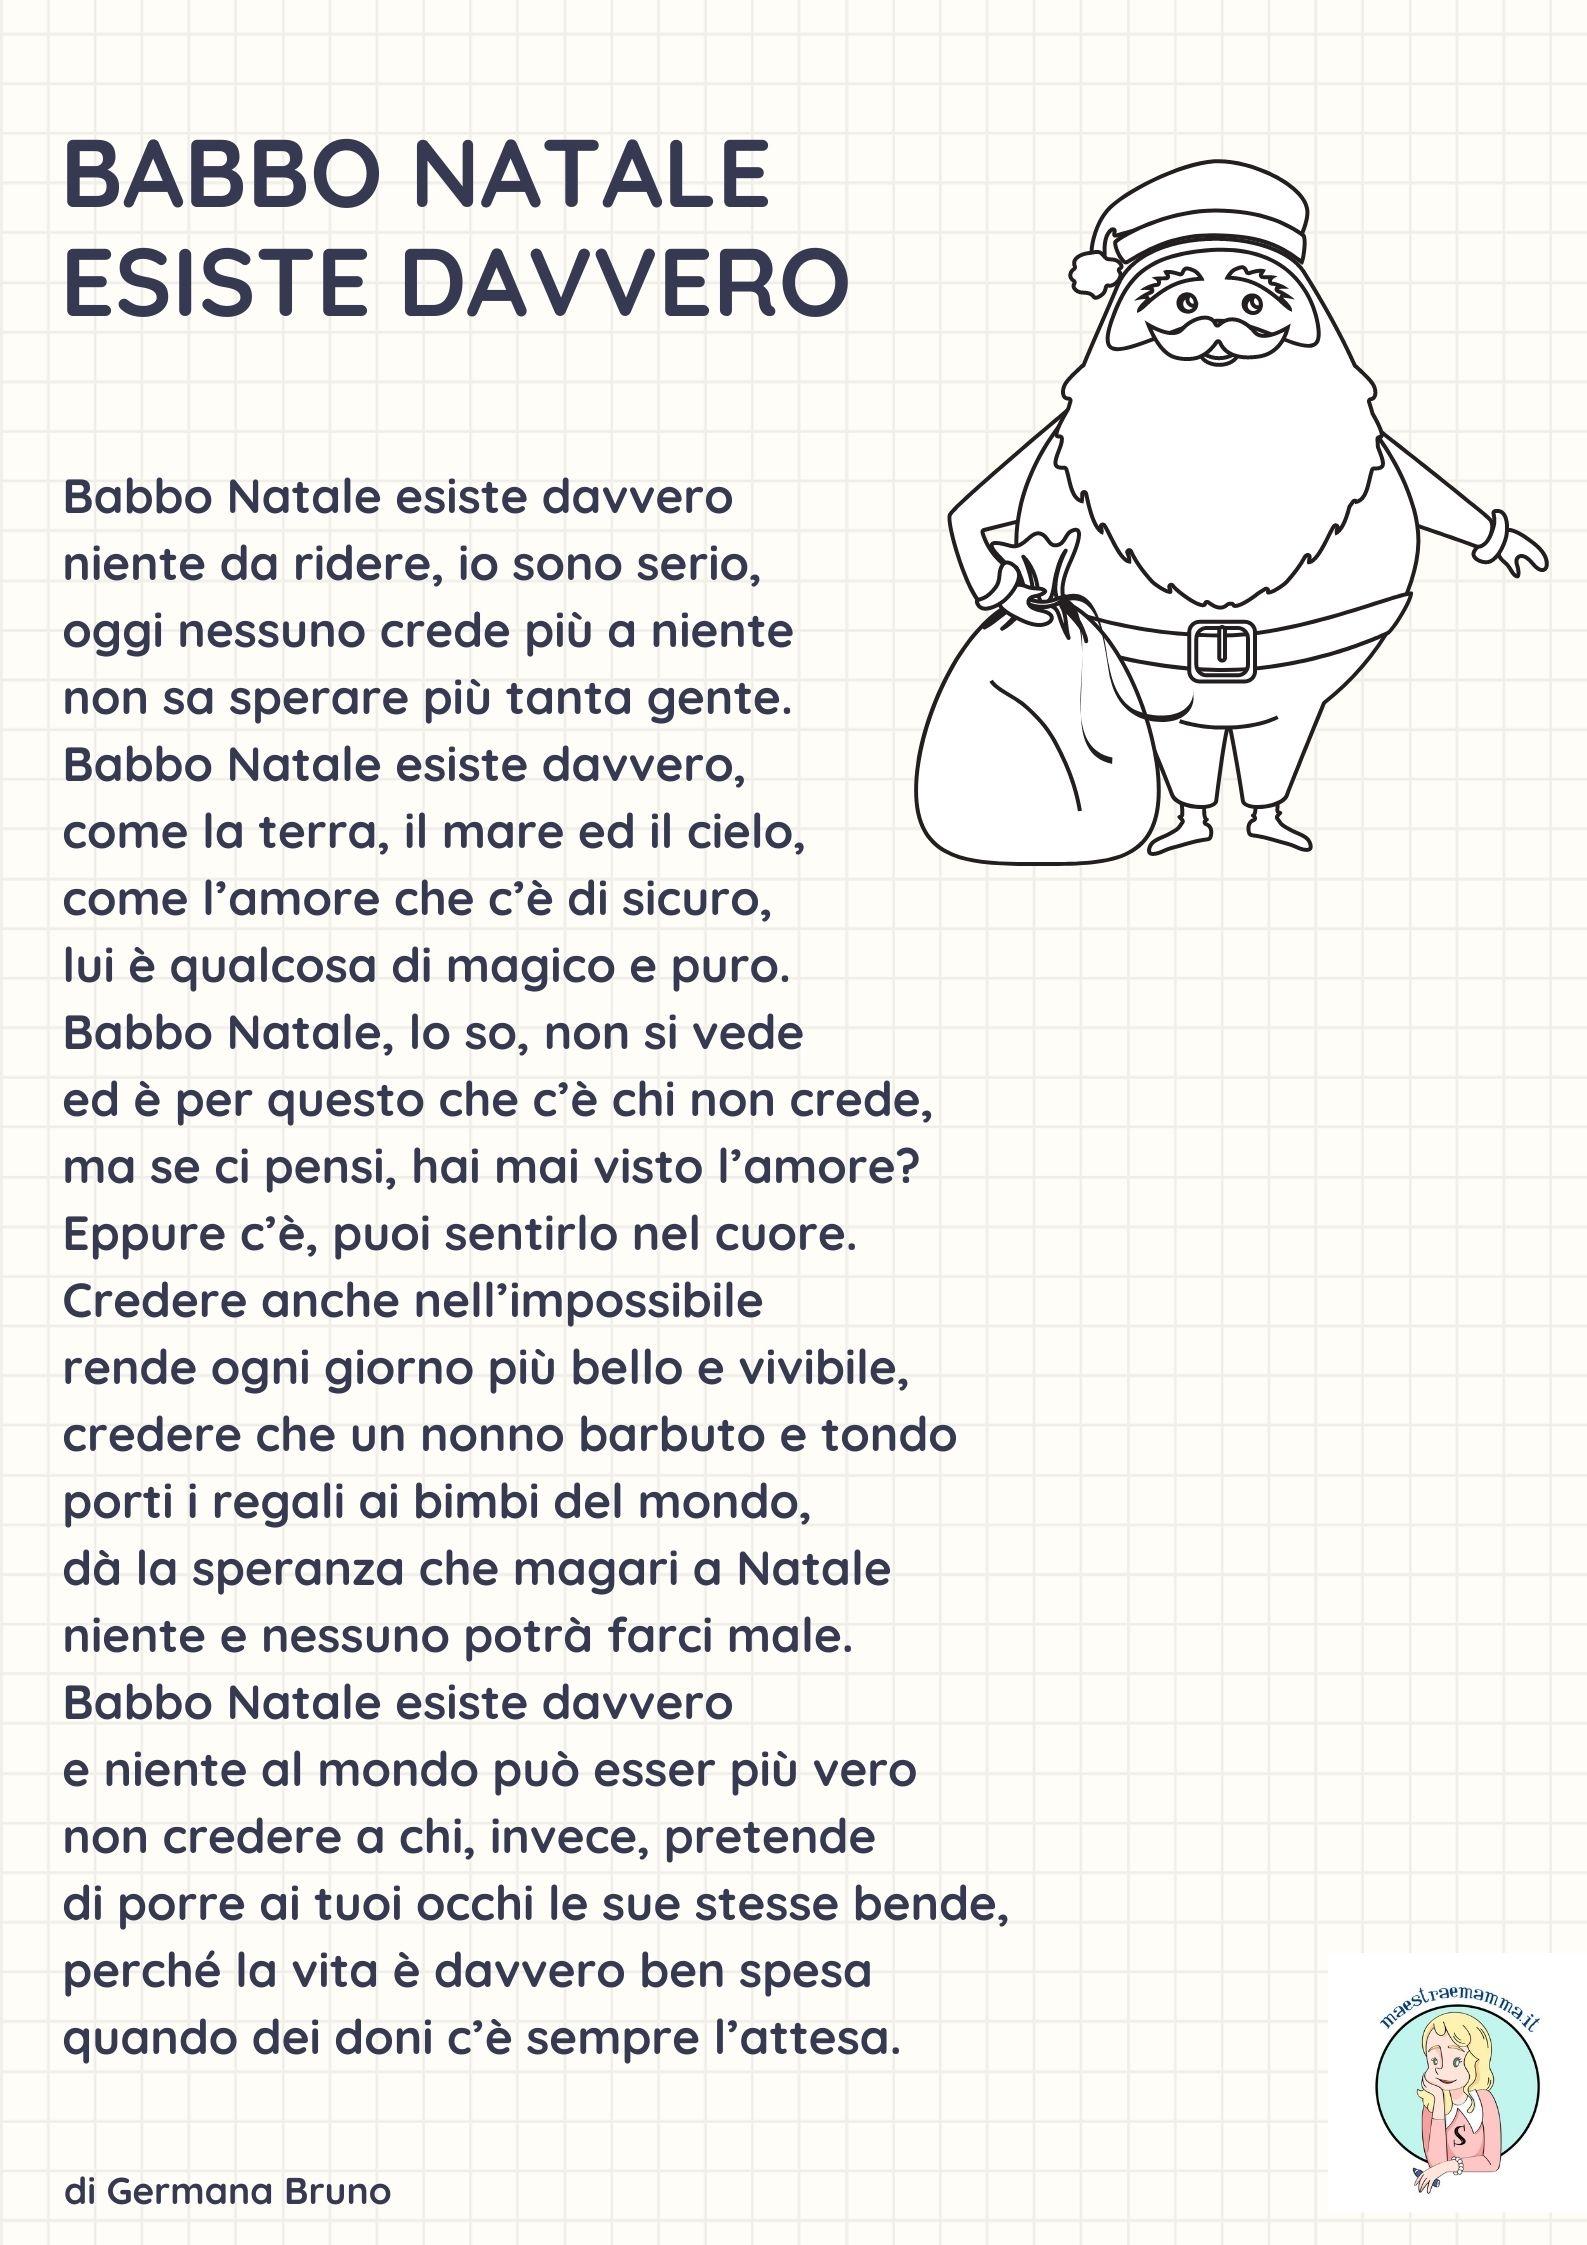 Poesie di natale per la scuola primaria. Poesia Di Natale Per Bambini Babbo Natale Esiste Davvero